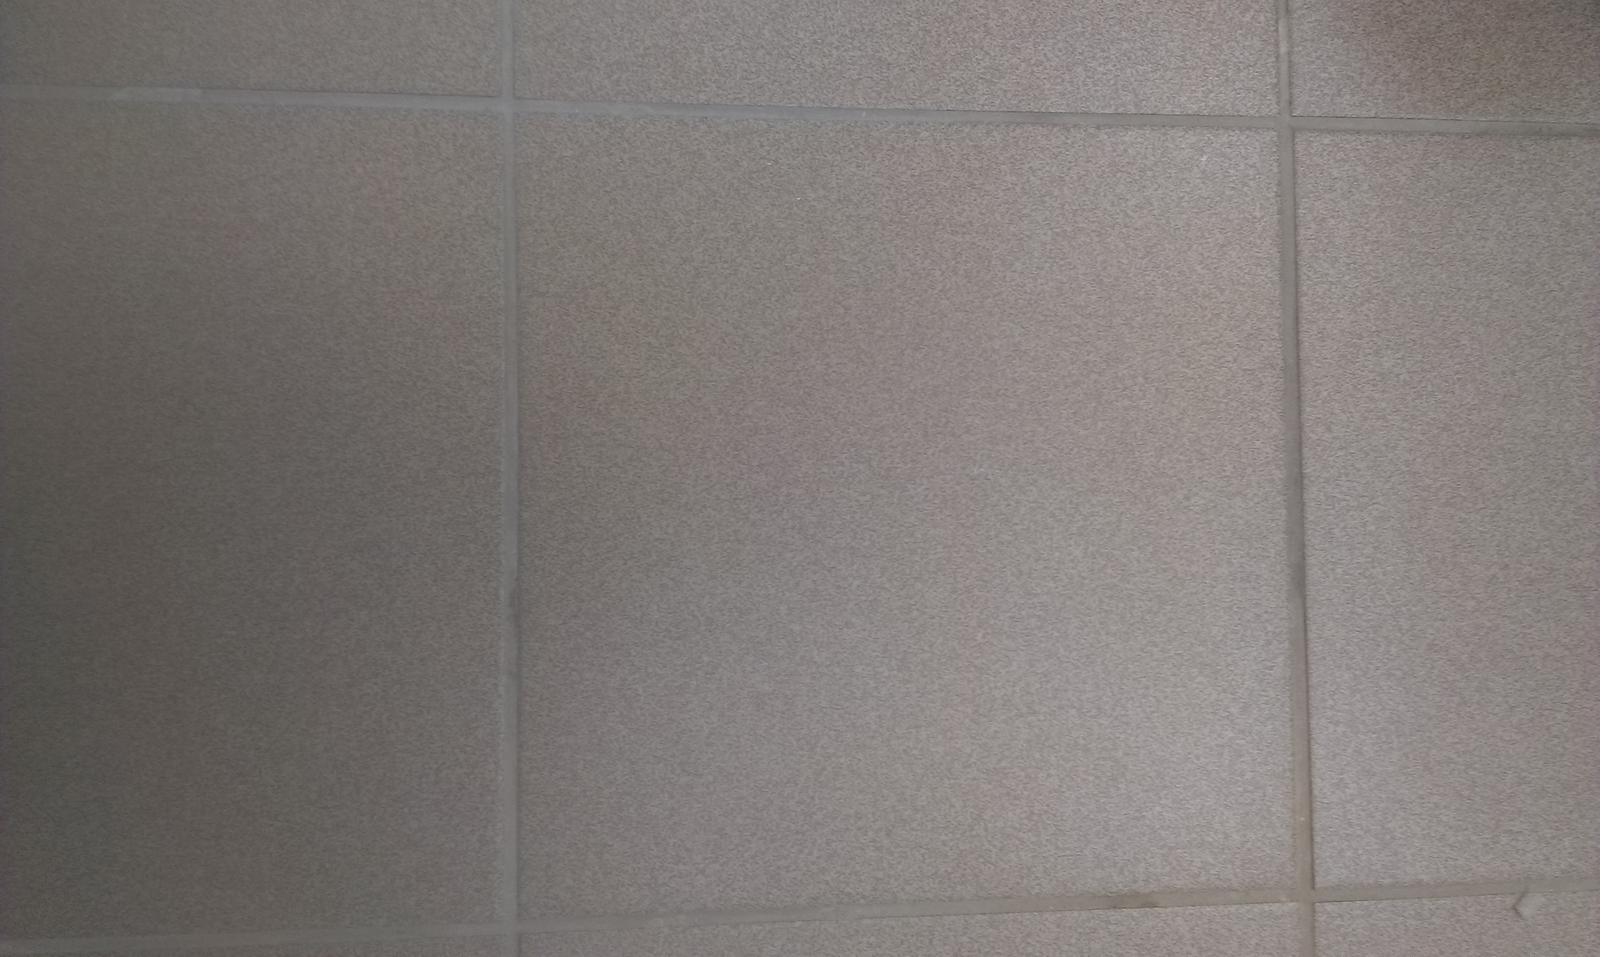 Ahojte, vedeli by ste prosim poradit ako sa vola tato dlazba a kde v BA ju maju? Je to klasicka vonkajsia mrazuvzdorna dlazba, 33*33cm a viem ze ju naisto robia aj v sivej a mali by z nej byt aj schodovky. Poradi niekto prosim? Potrebujem asi 6 dlazobnych kociek... - Obrázok č. 1